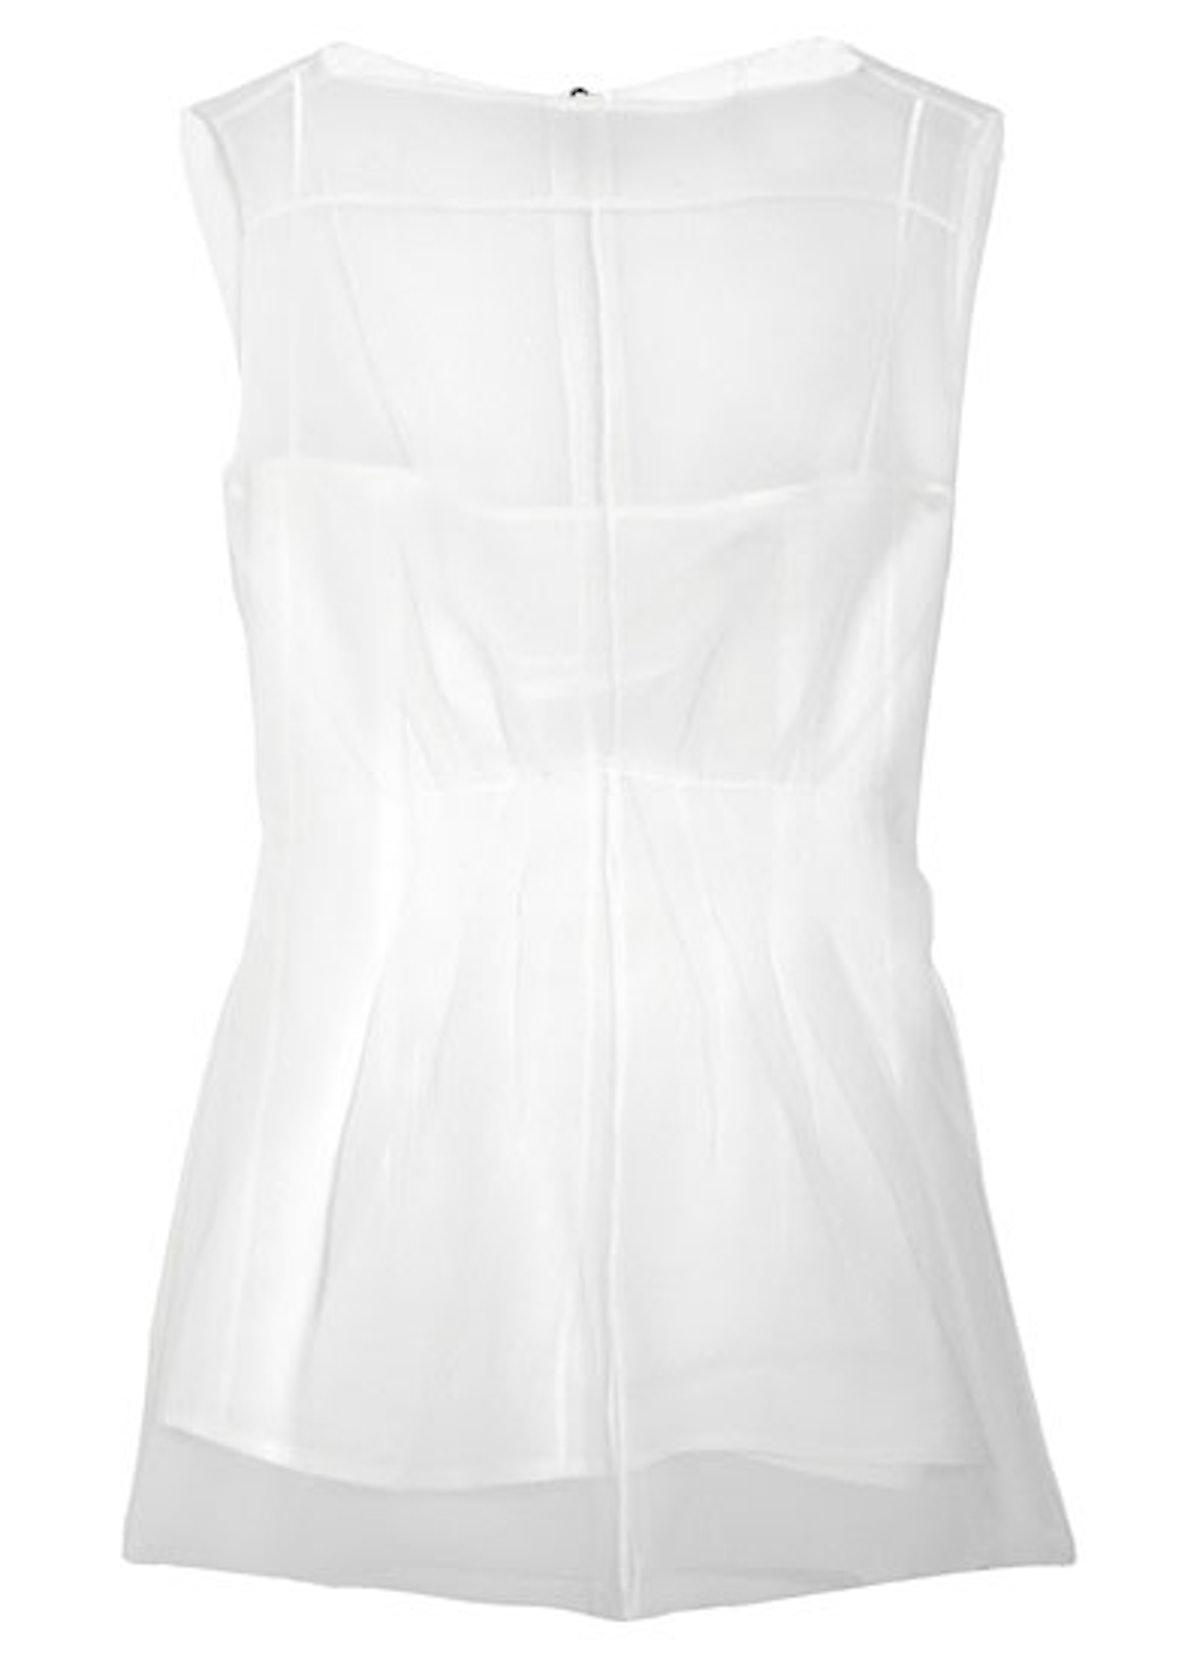 fass-sleeveless-blouses-03-v.jpg